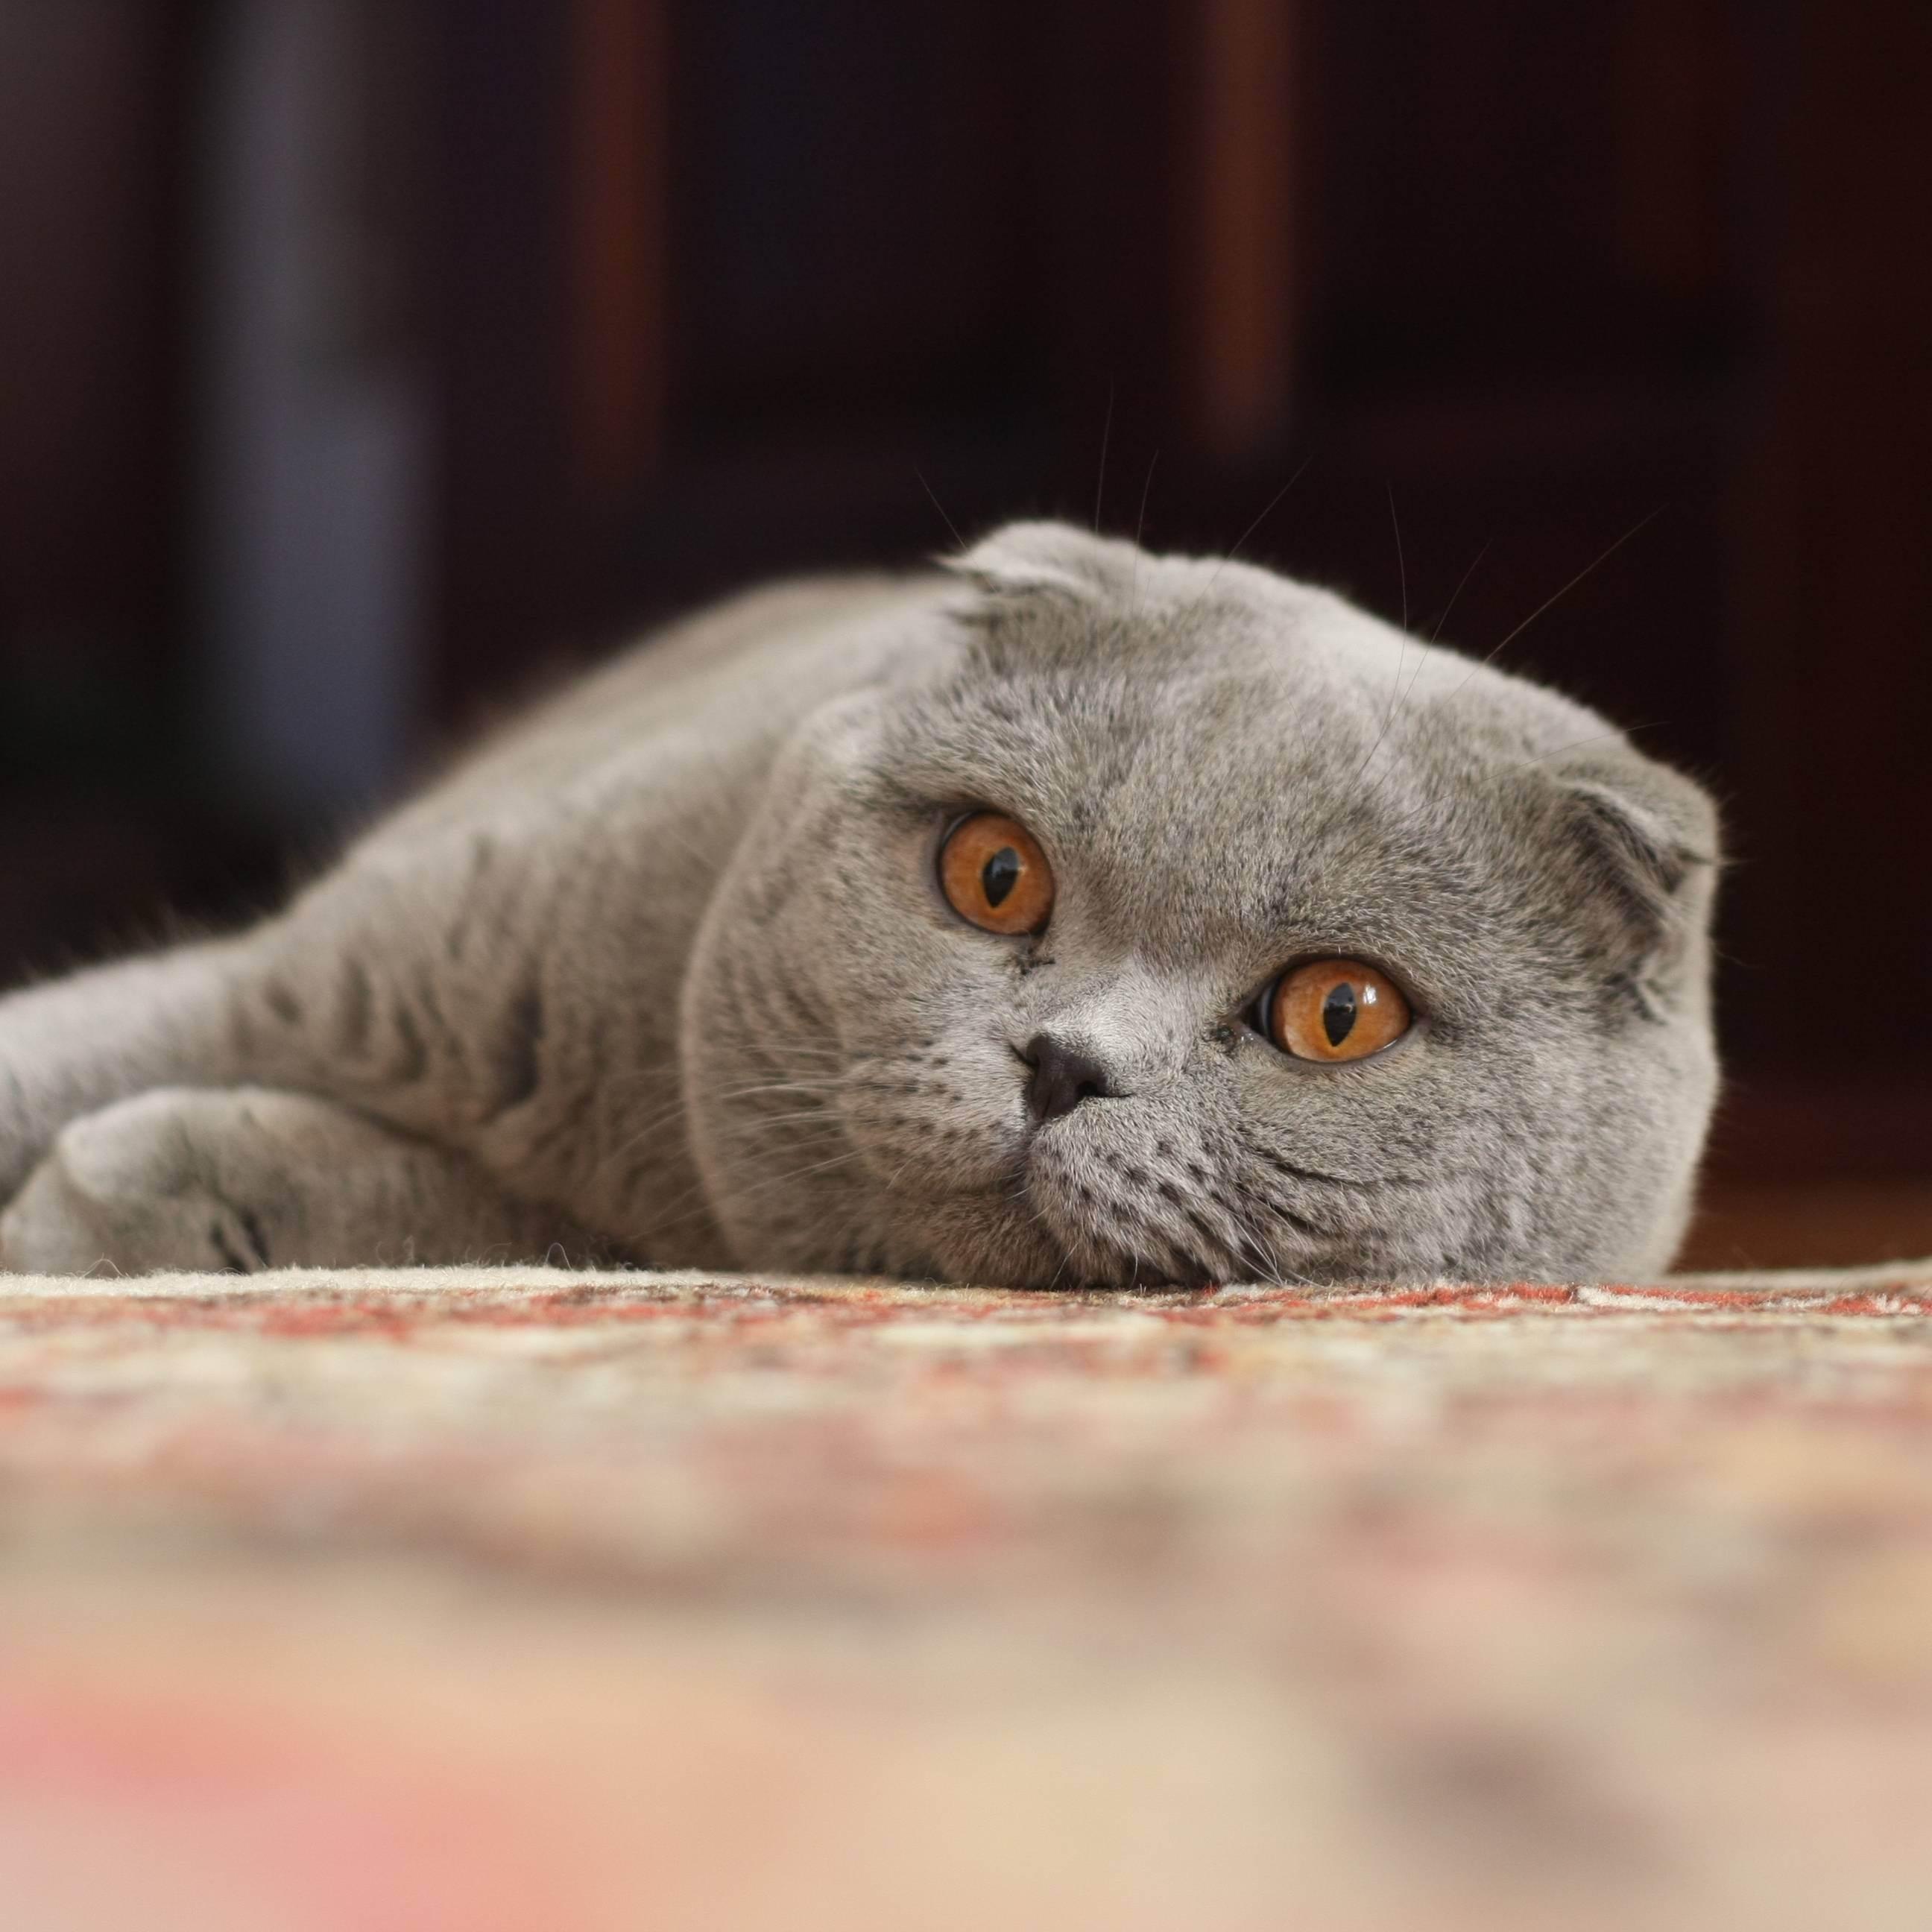 Топ-5 котов-крысоловов или кто лучше ловит крыс и мышей дома